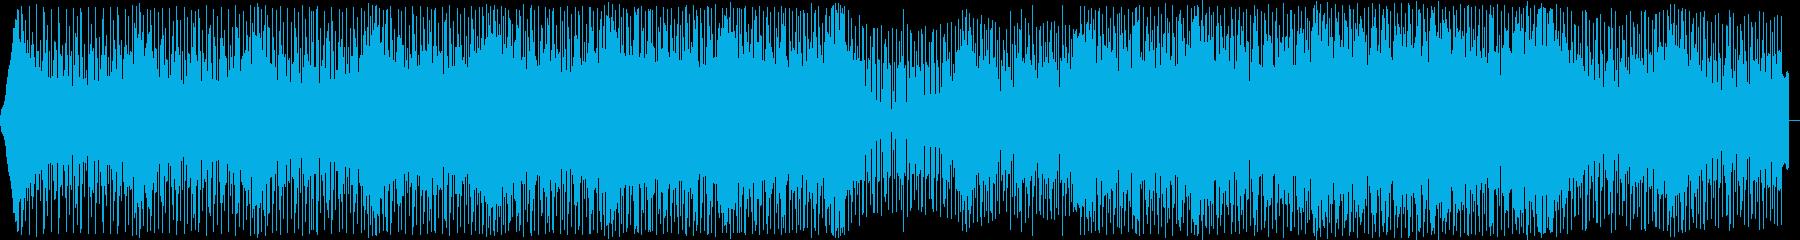 無機質でハイテンポなハウスミュージックの再生済みの波形